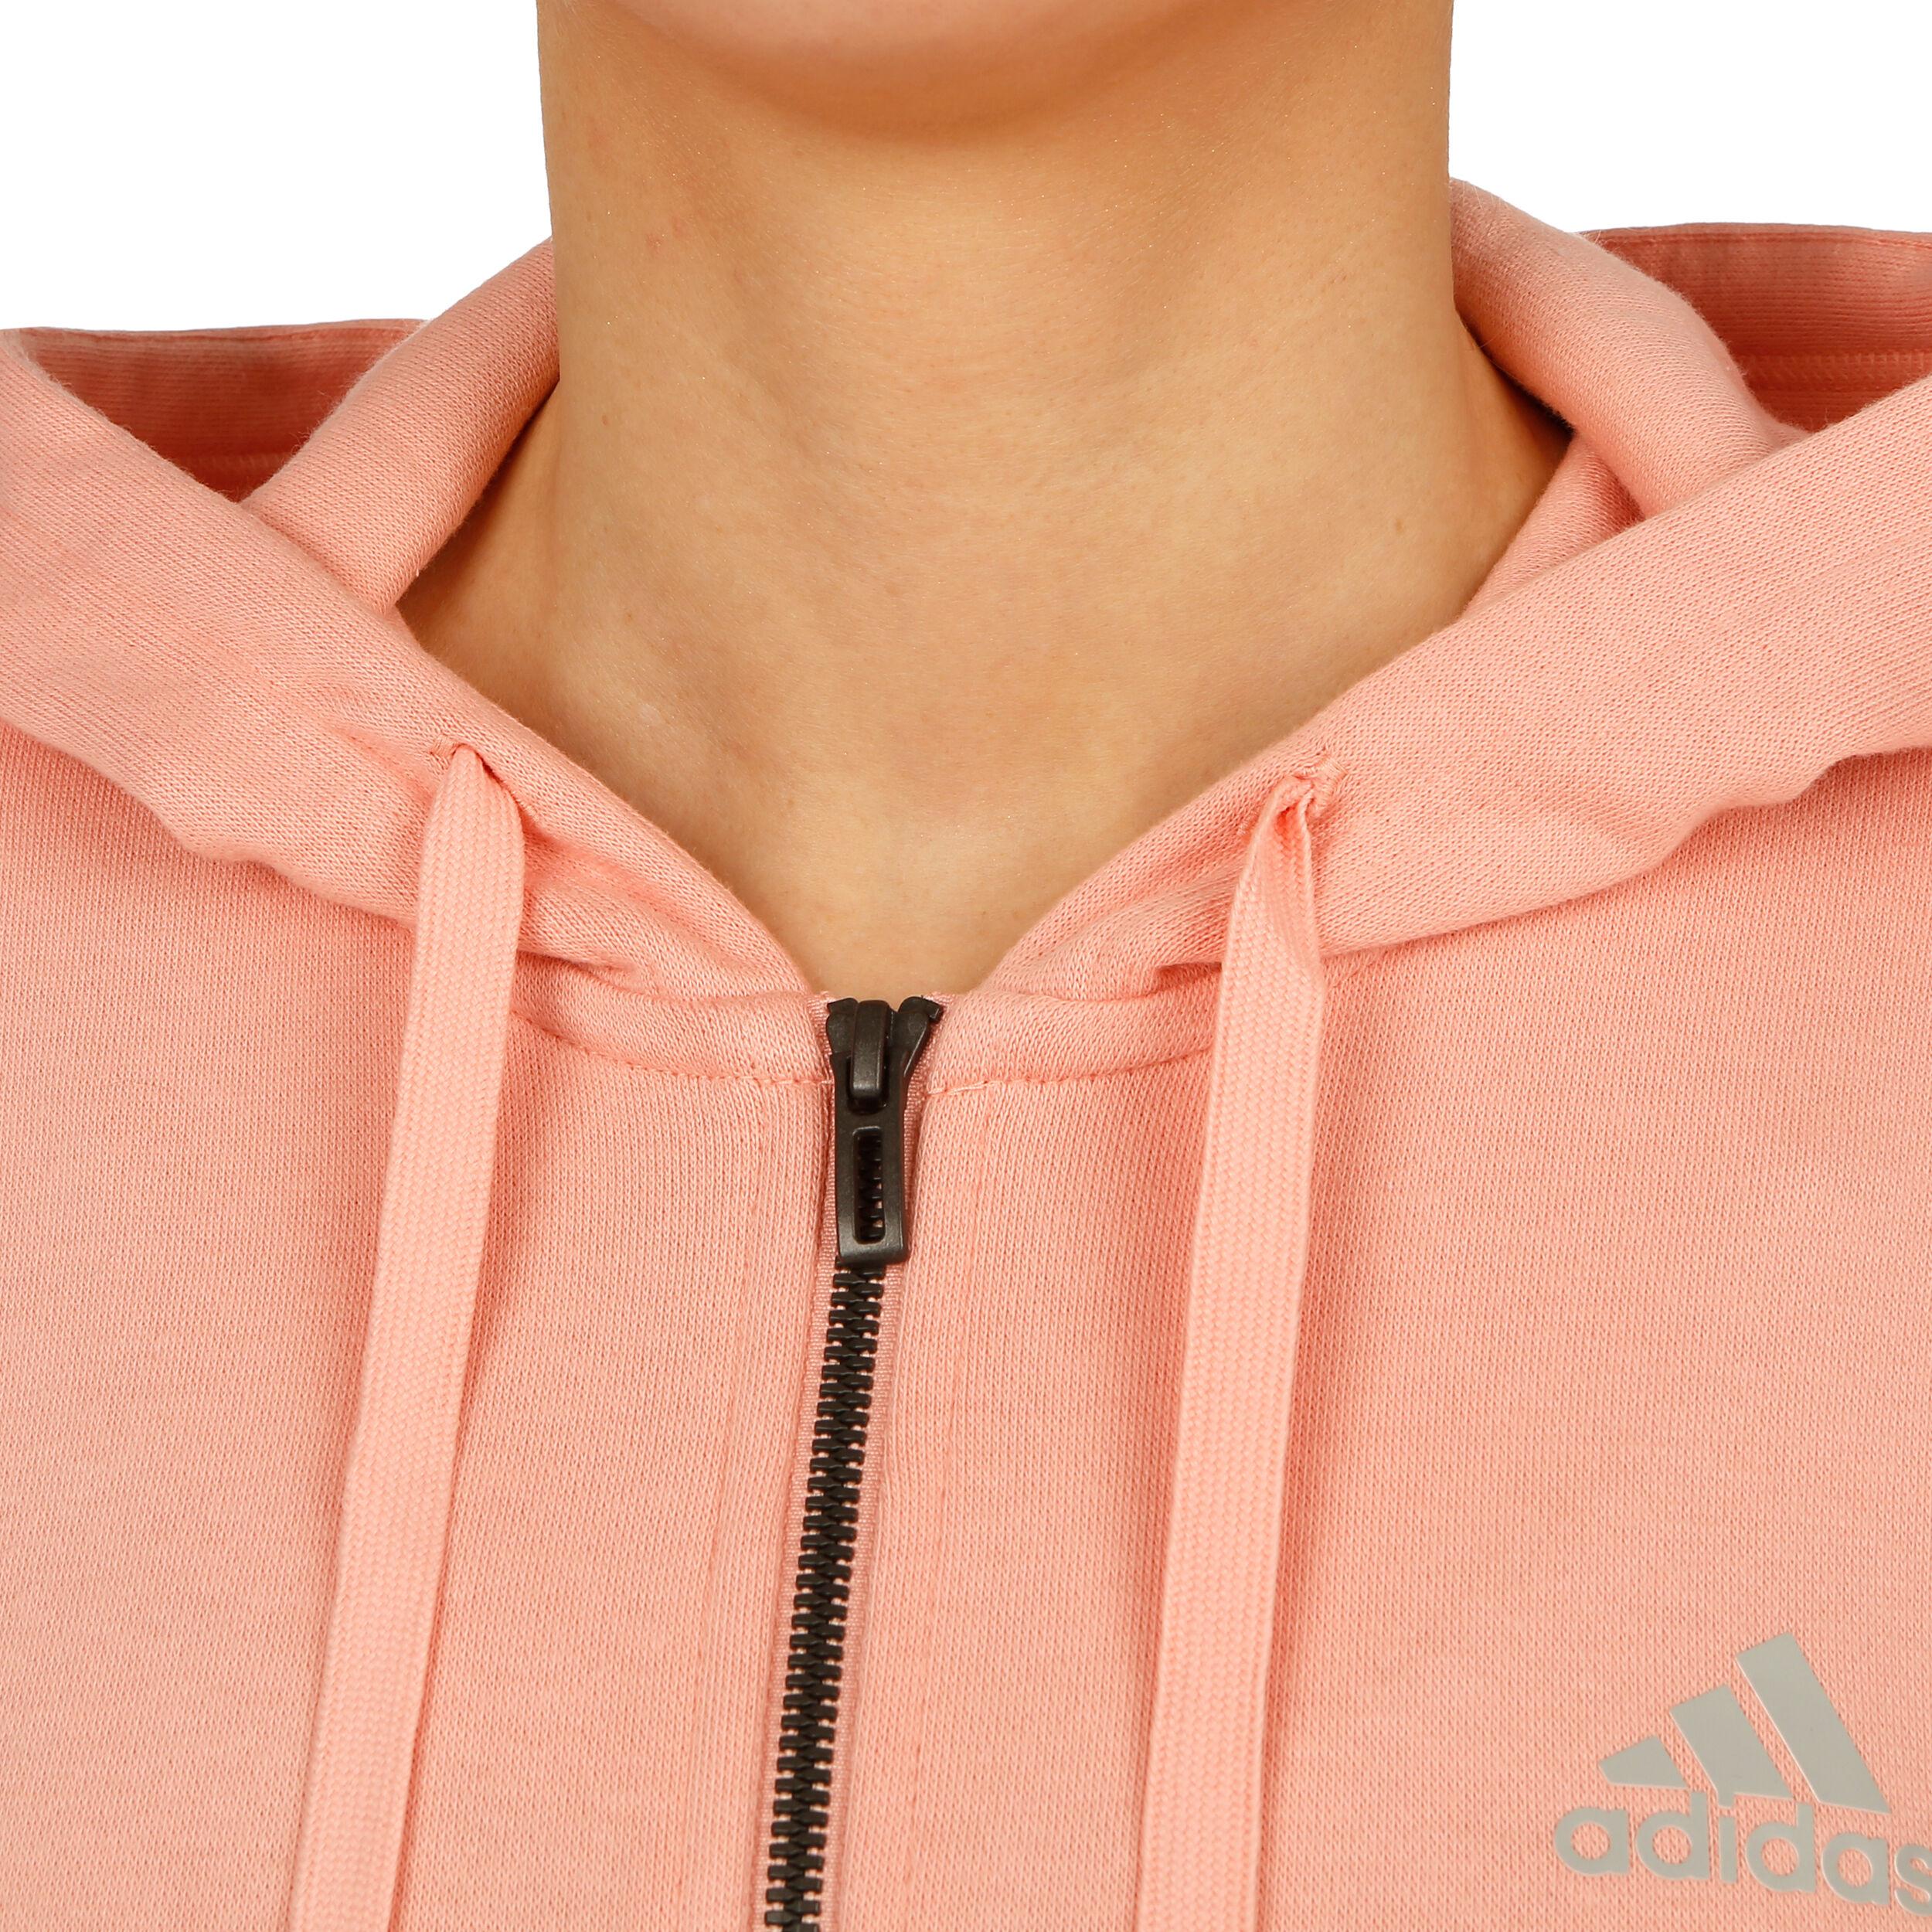 adidas Co Energize Trainingsanzug Damen - Rosa, Hellgrau ...